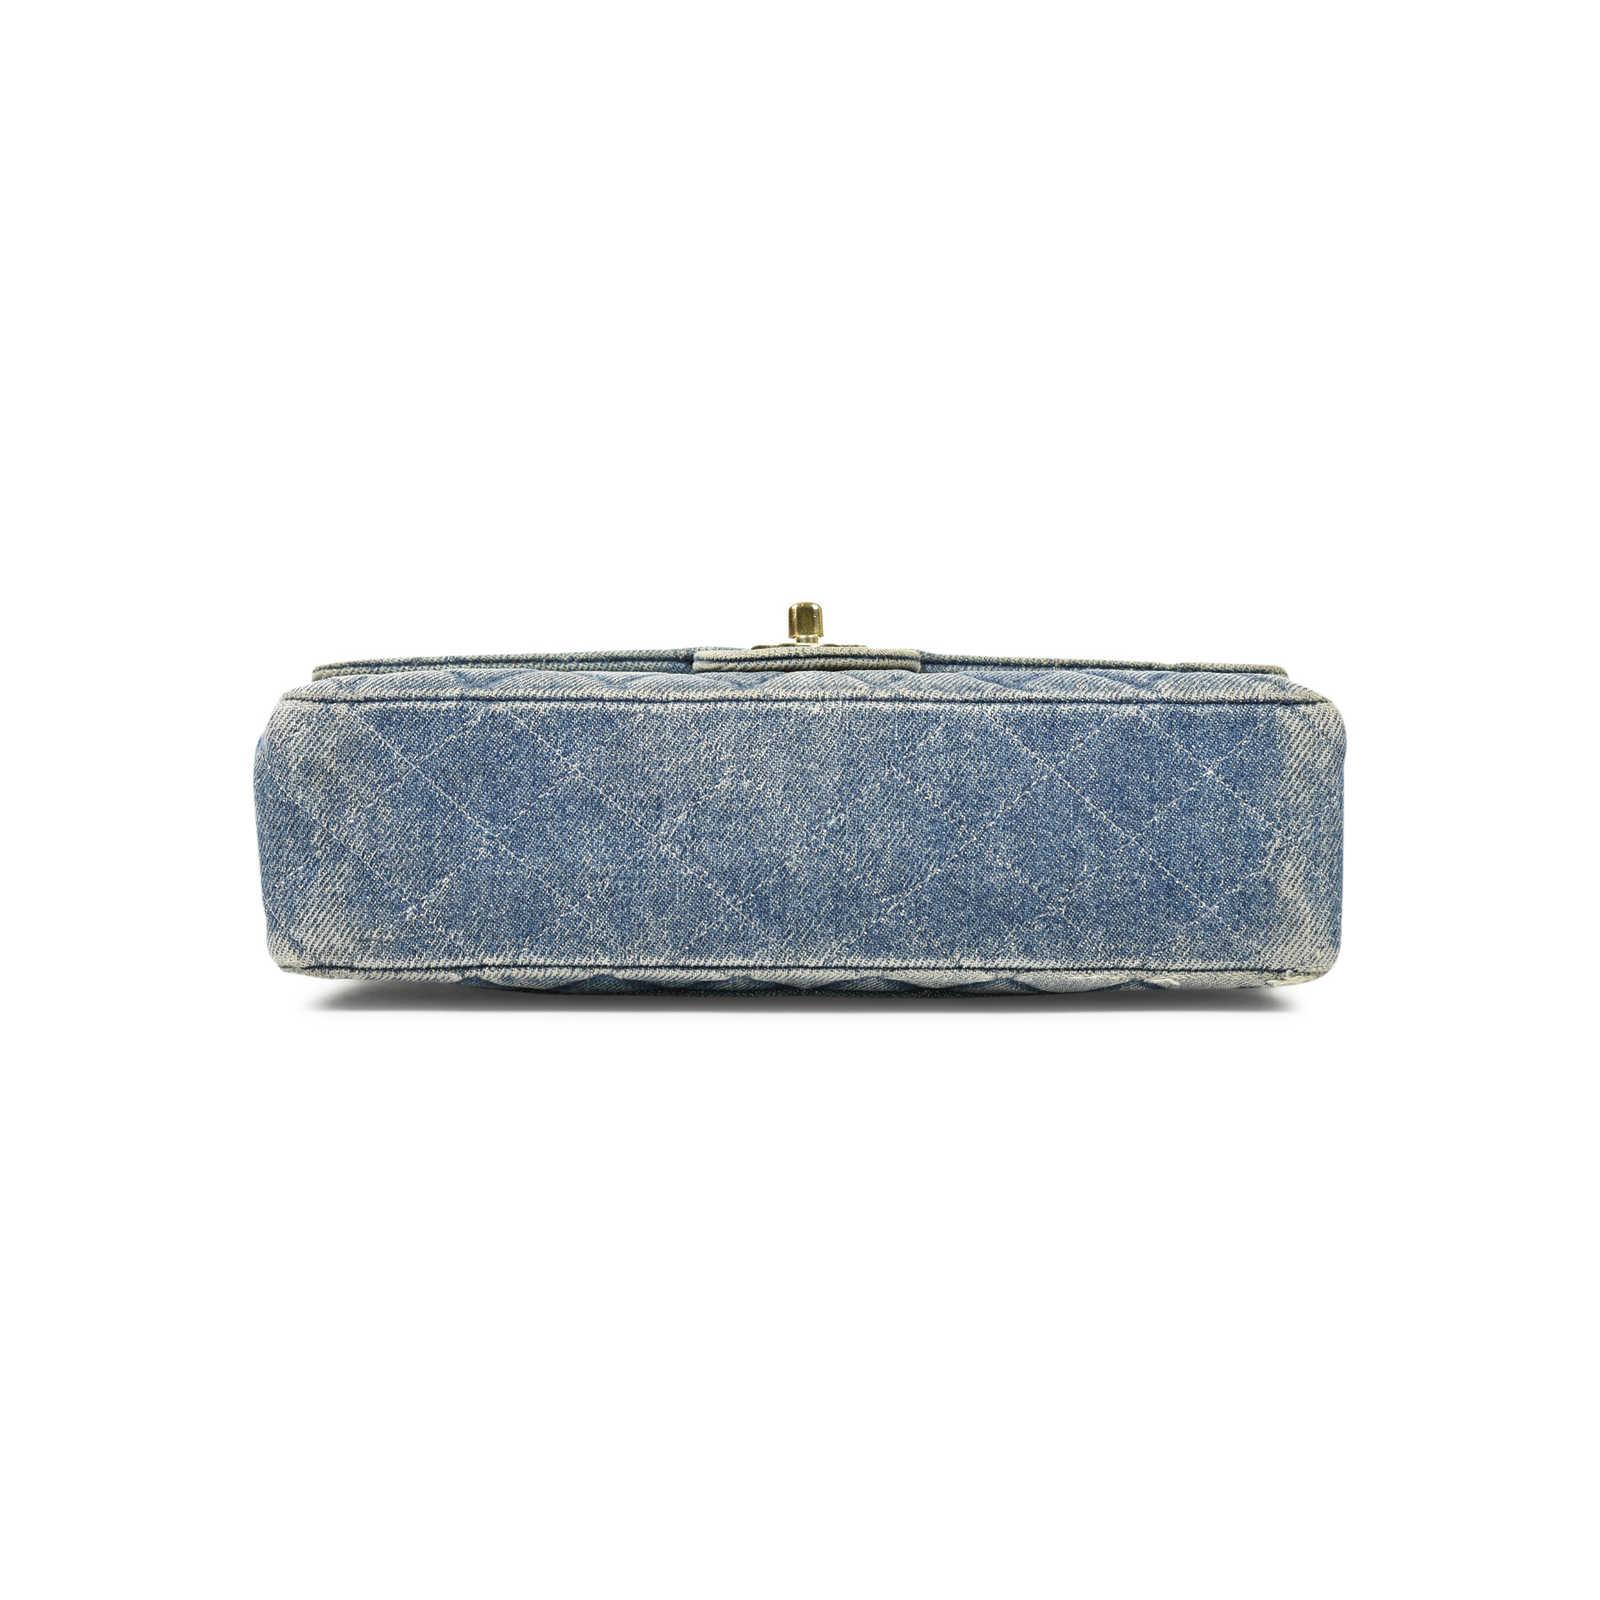 da189c81c512 ... Authentic Vintage Chanel Denim Classic Flap Bag (PSS-004-00085) -  Thumbnail ...